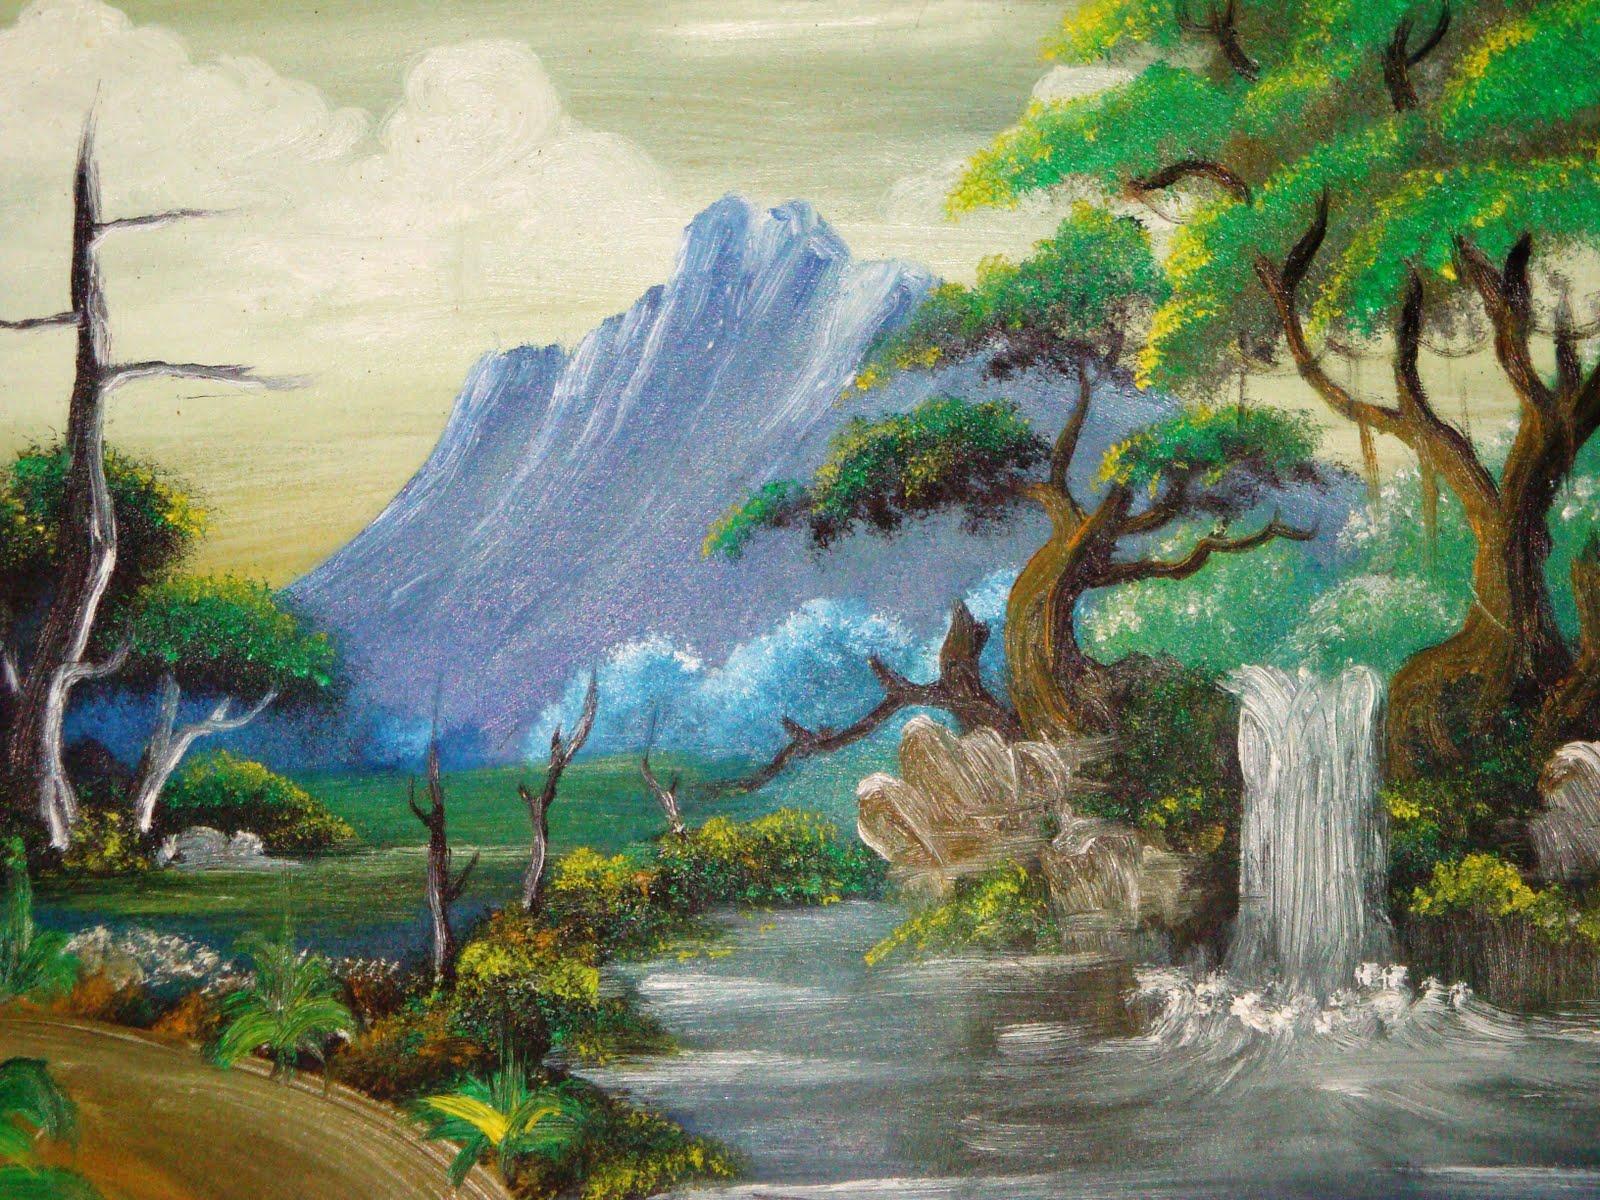 Gambar Lukisan Manusia Dengan Alam Sekitarnya - Koleksi ...